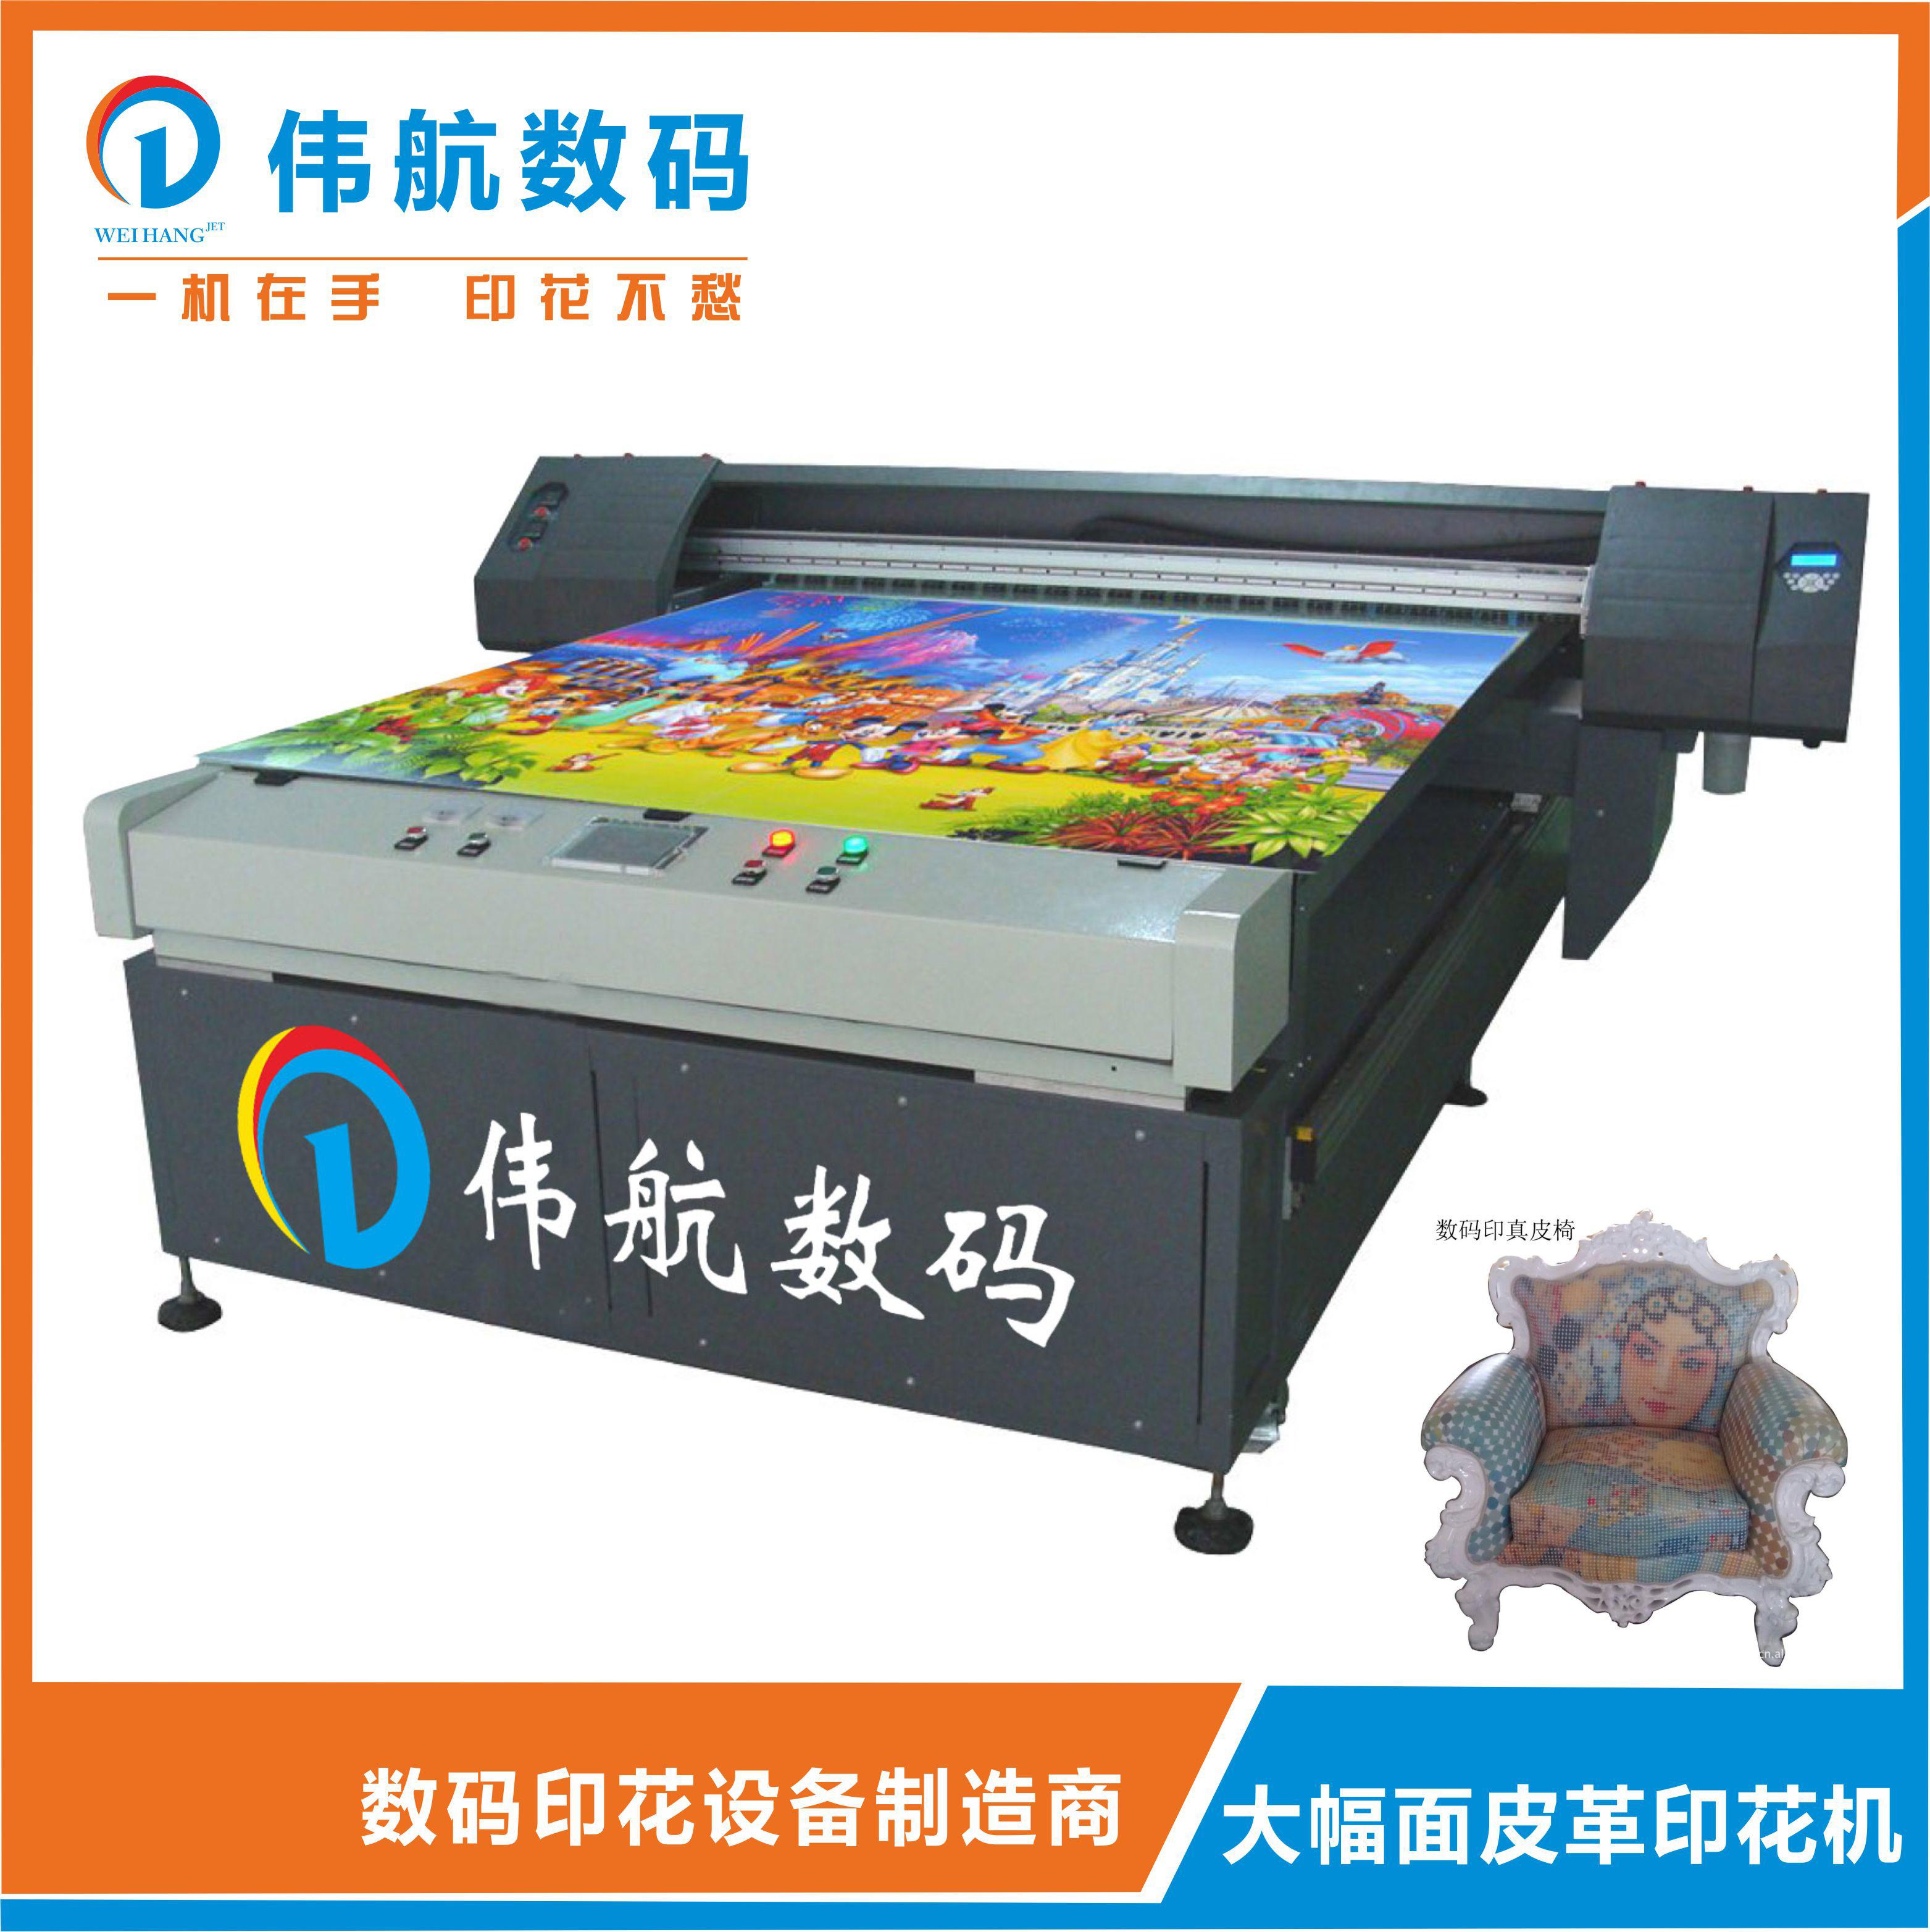 伟航大幅面平板数码印花机